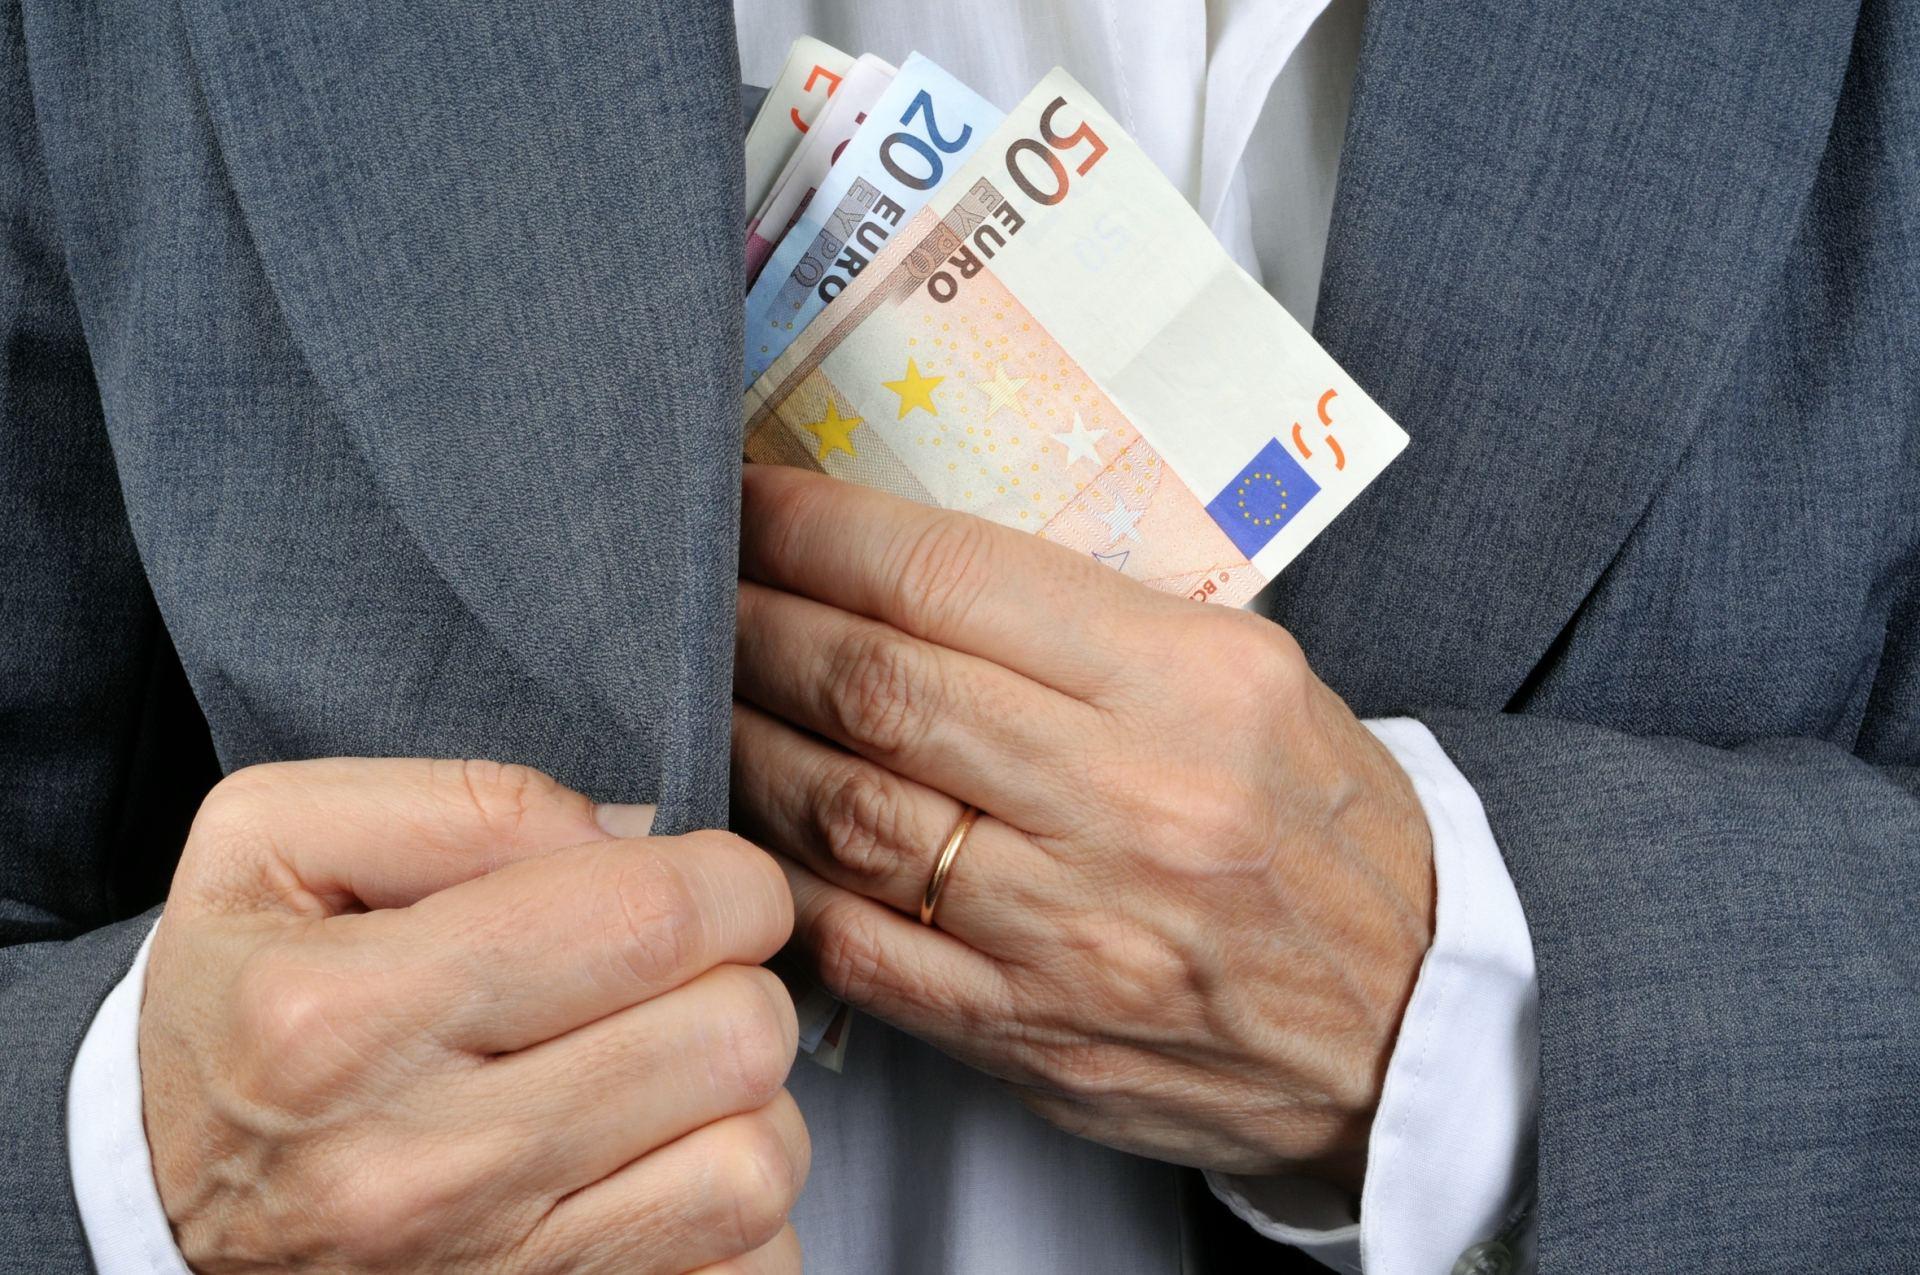 Verslas užsidirbti pinigų, Kaip užsidirbti neturint pinigų